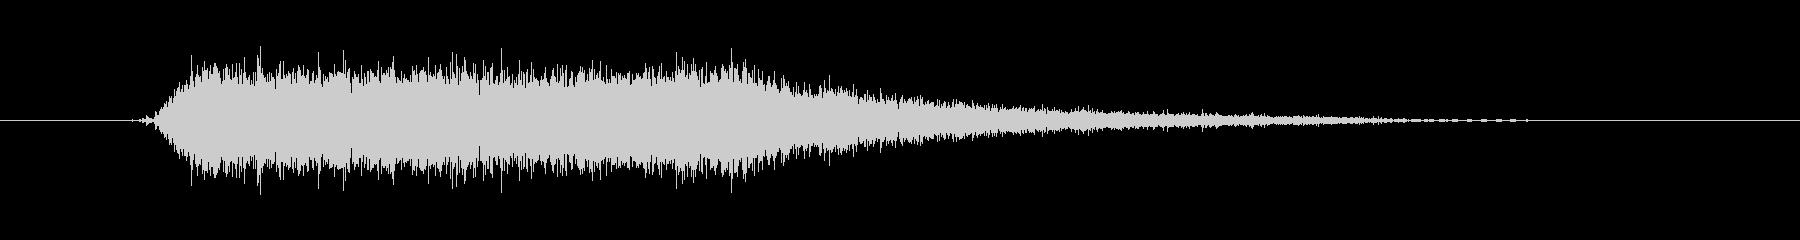 工具_ドリルの動作音3の未再生の波形